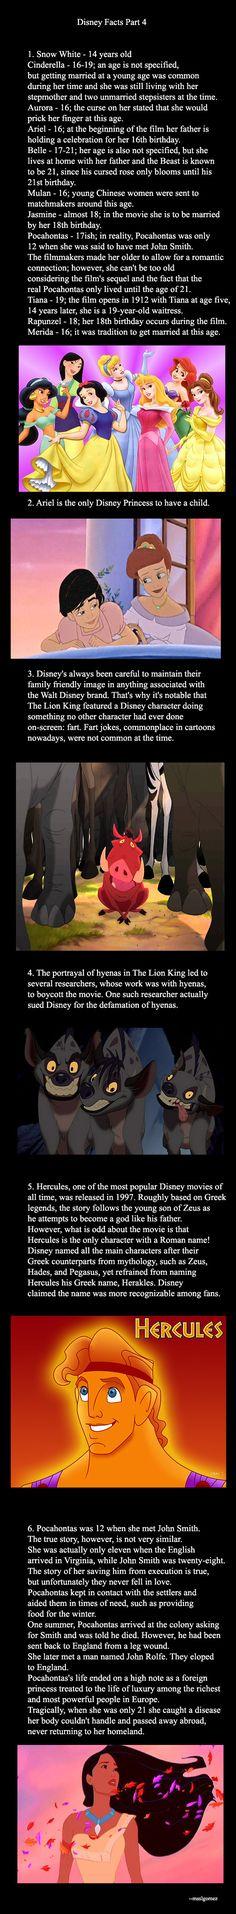 Disney Facts Part 4